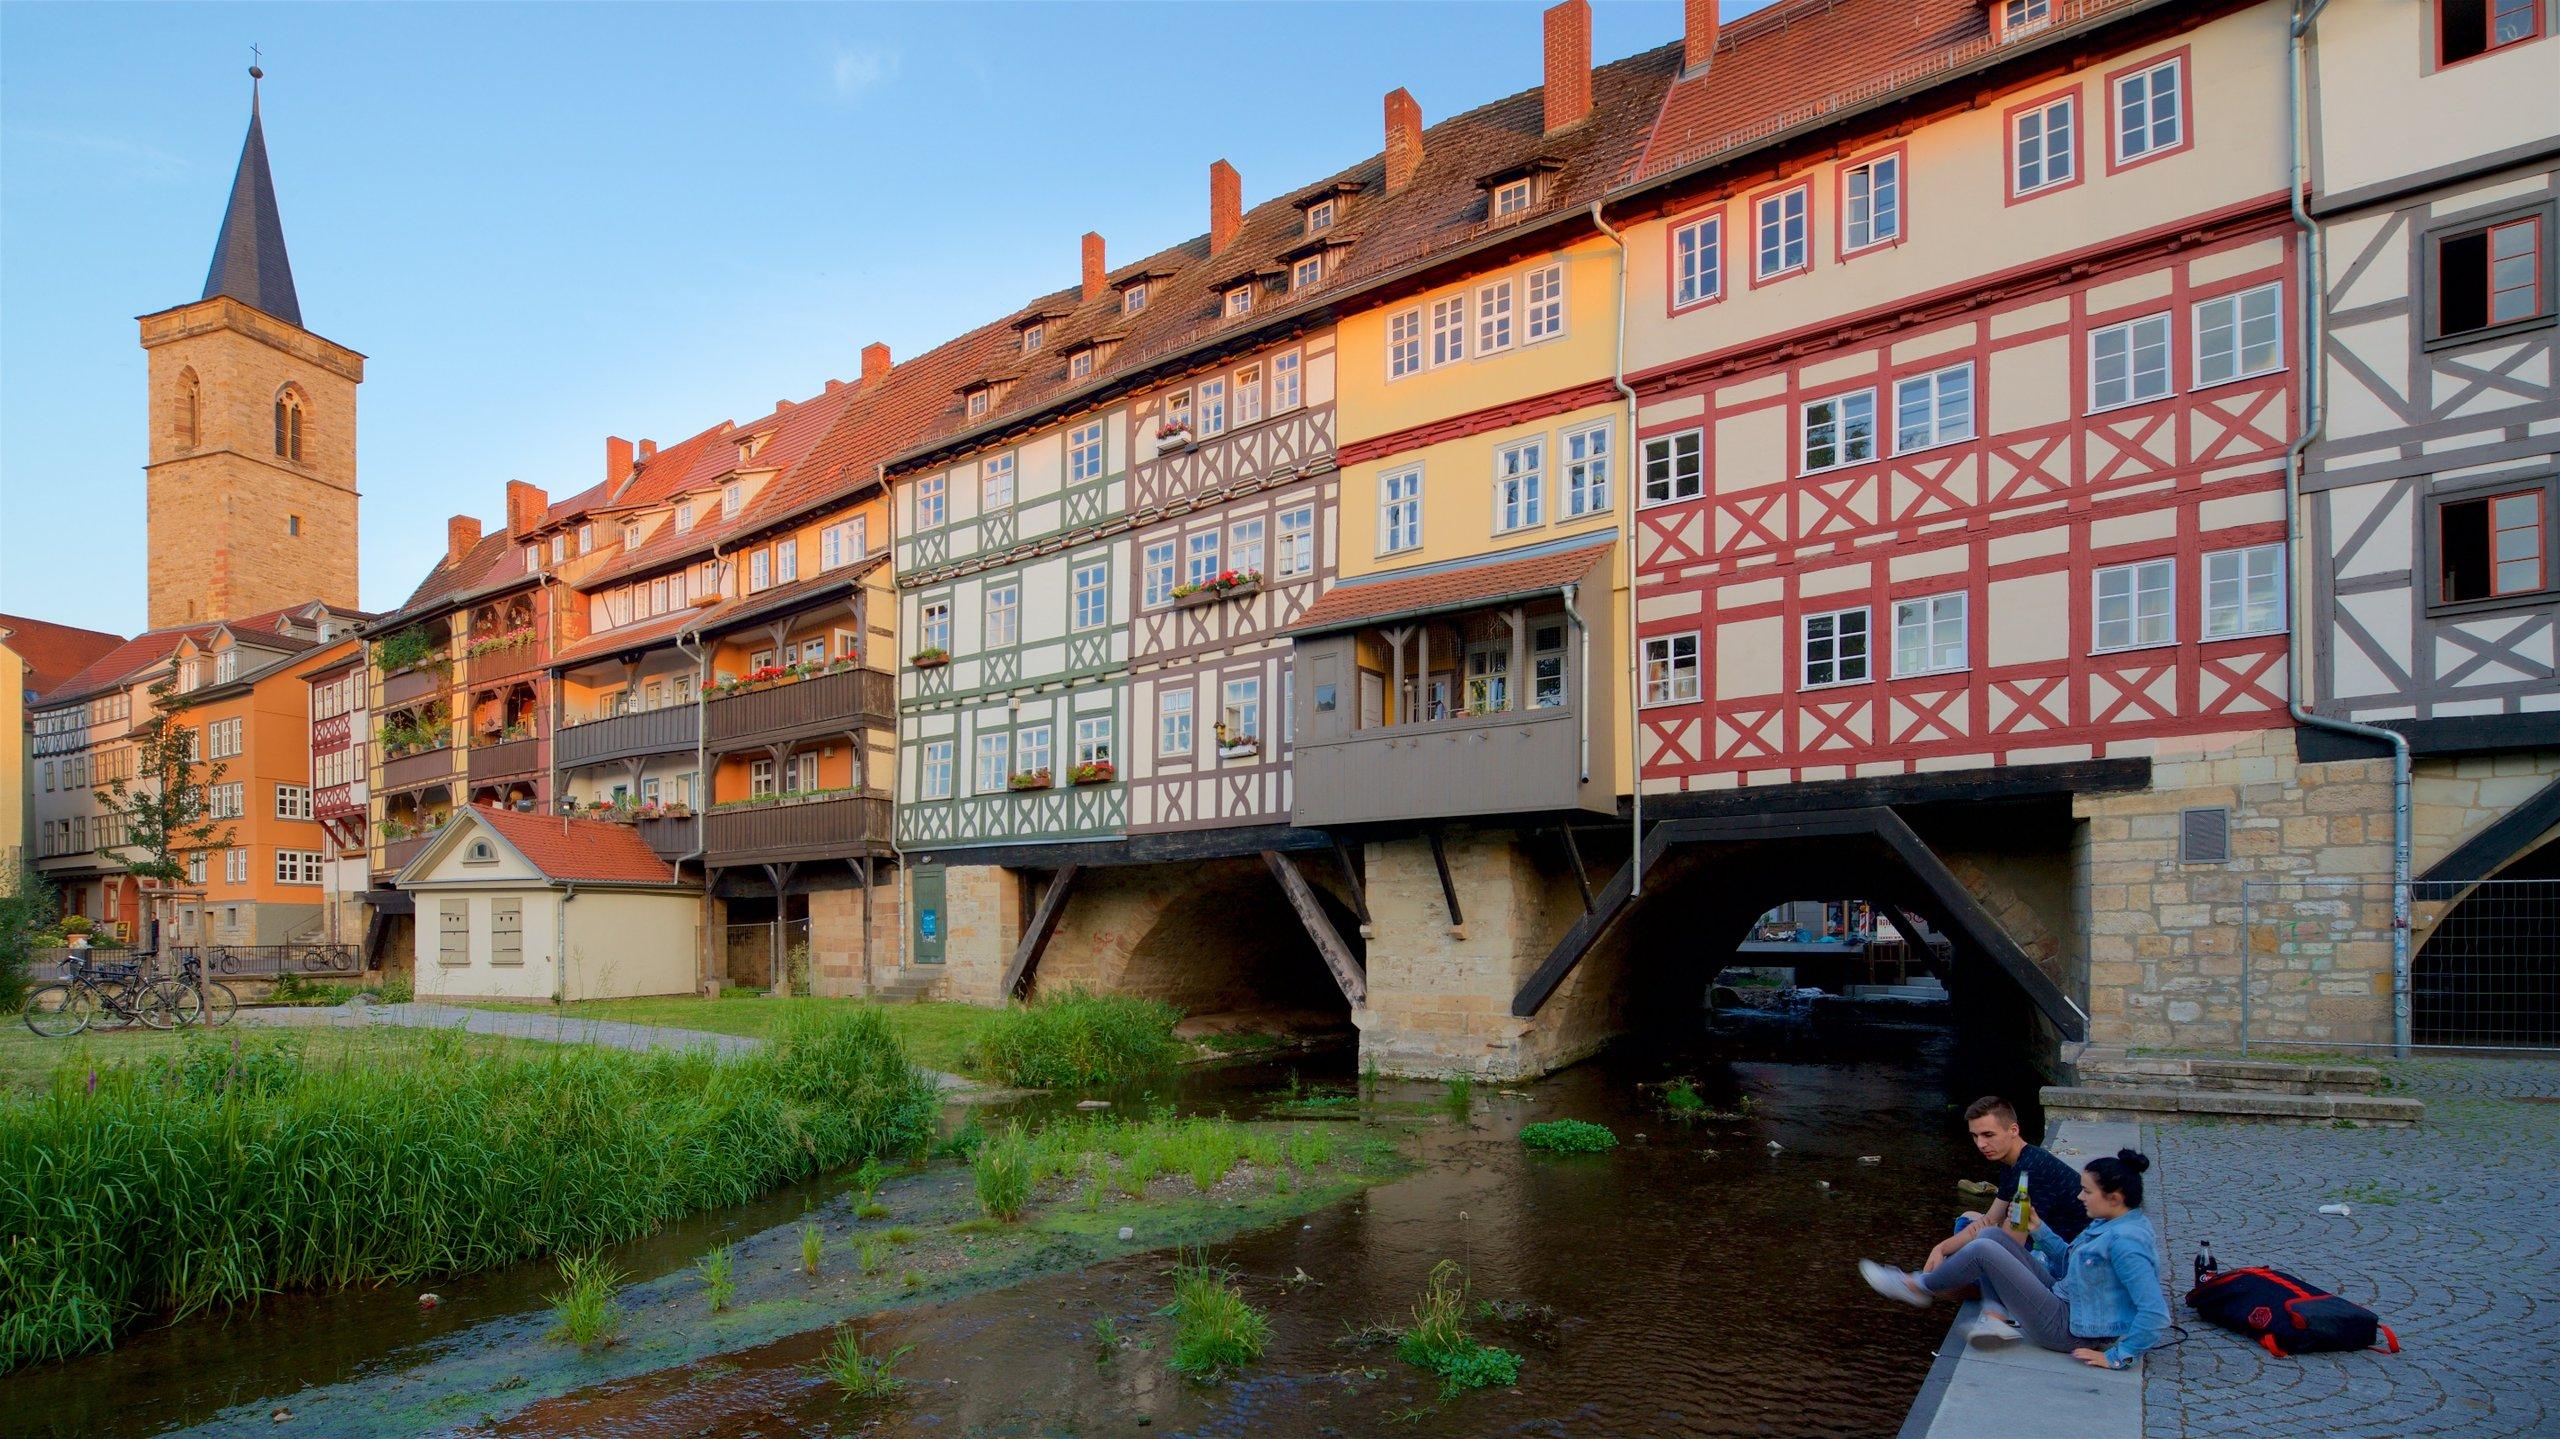 Altstadt Erfurt, Erfurt, Thüringen, Deutschland